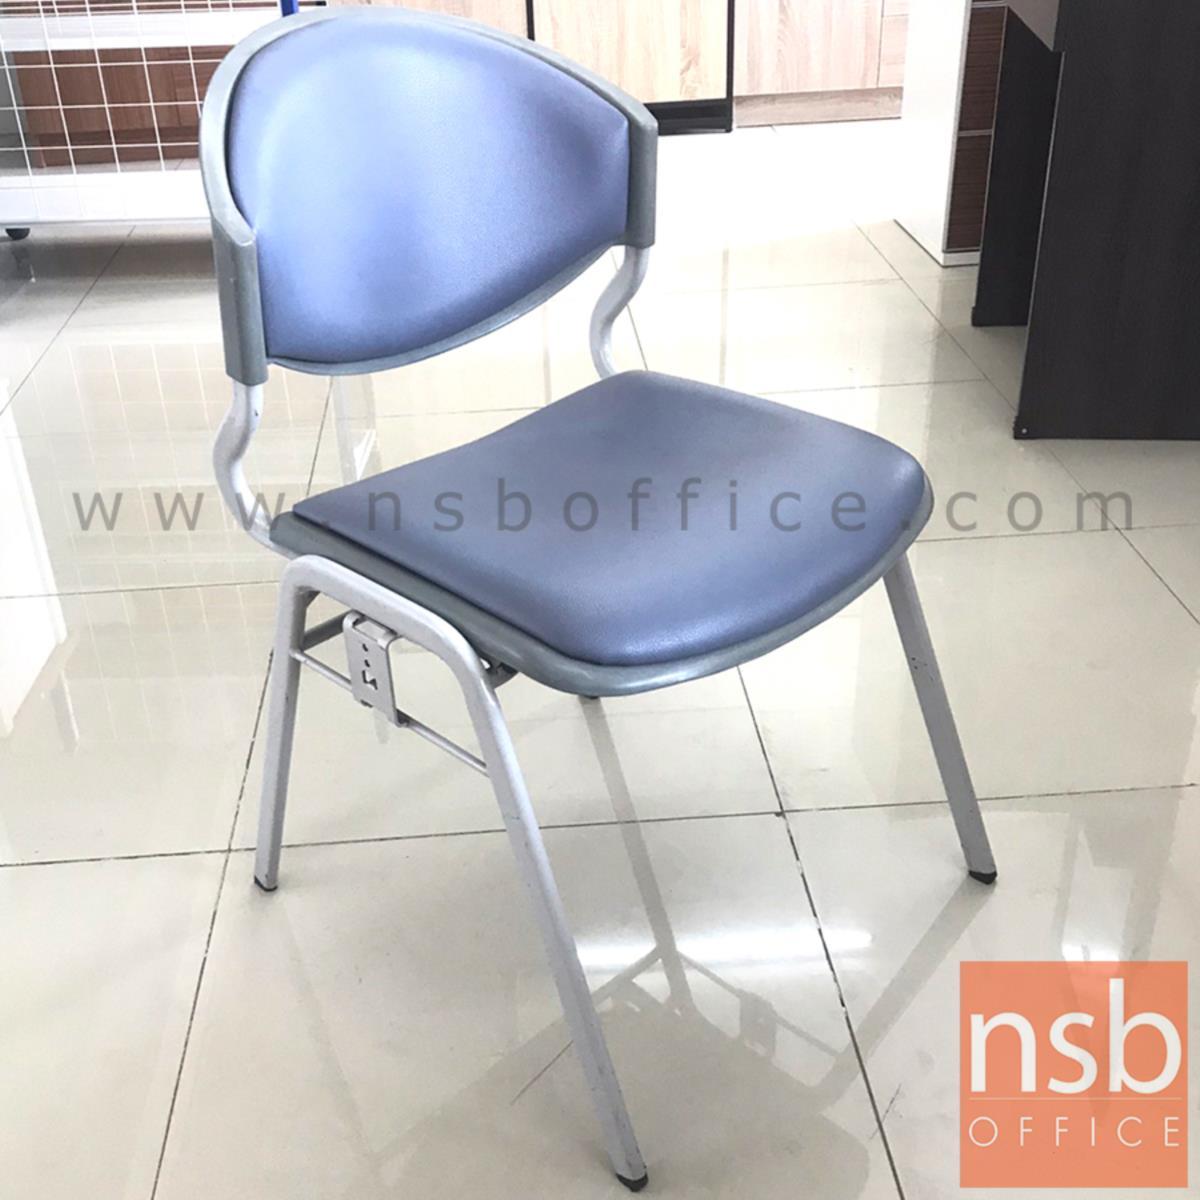 L02A341:เก้าอี้อเนกประสงค์โพลี่  ขนาด 51W*82H cm. (STOCK-1 ตัว)